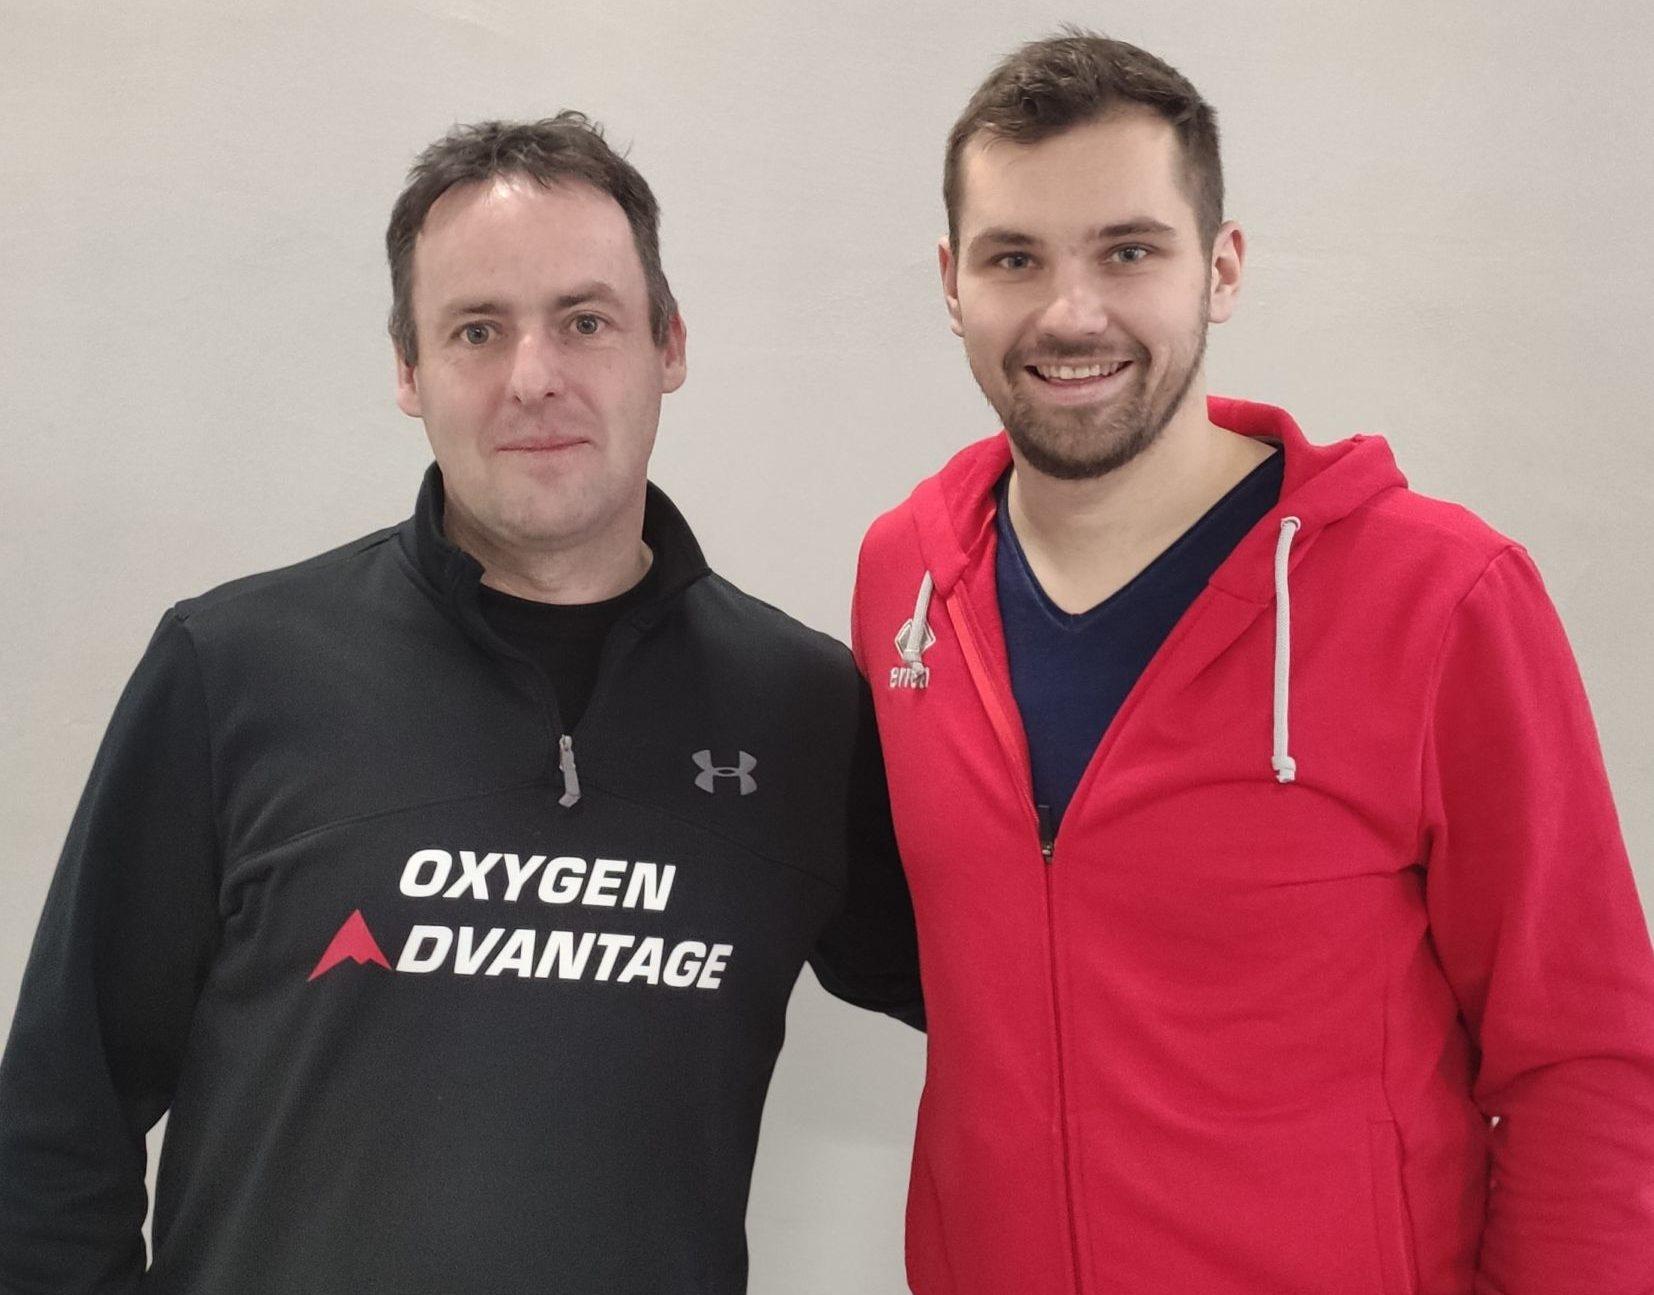 Master Inštruktor Pavol Grman-certifikovaný inštruktor Oxygen Advantage